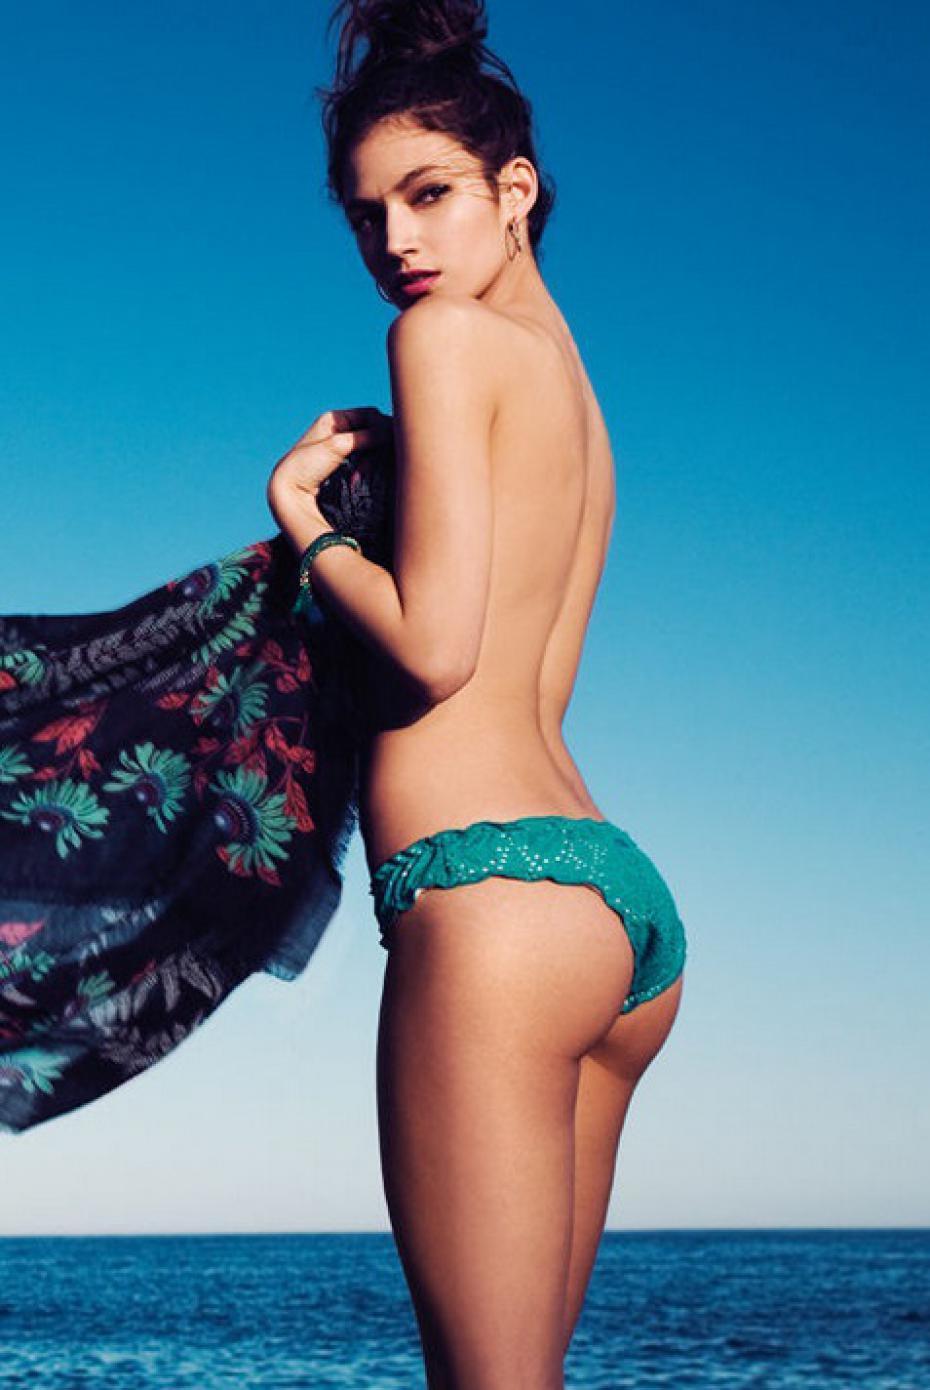 El impresionante culo de Úrsula Corberó y sus fotos más sexys